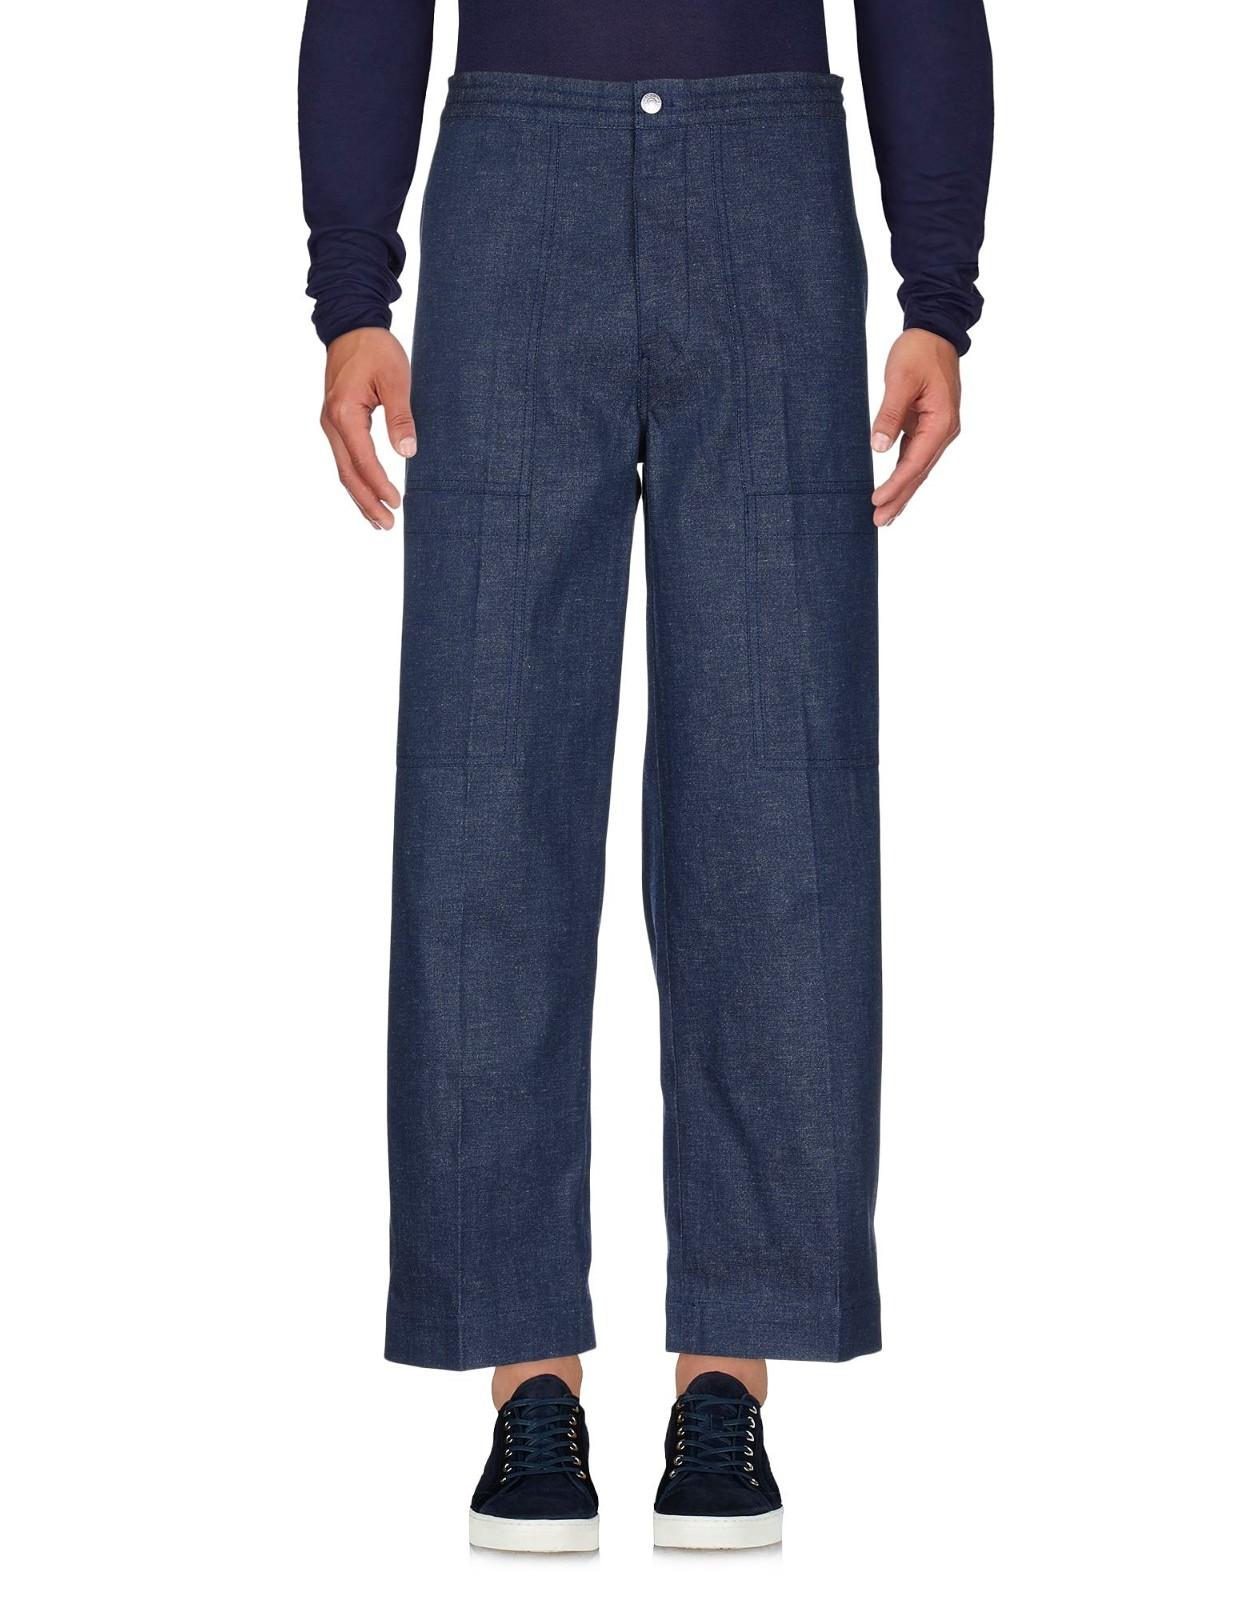 ACNE STUDIOS 男士牛仔裤